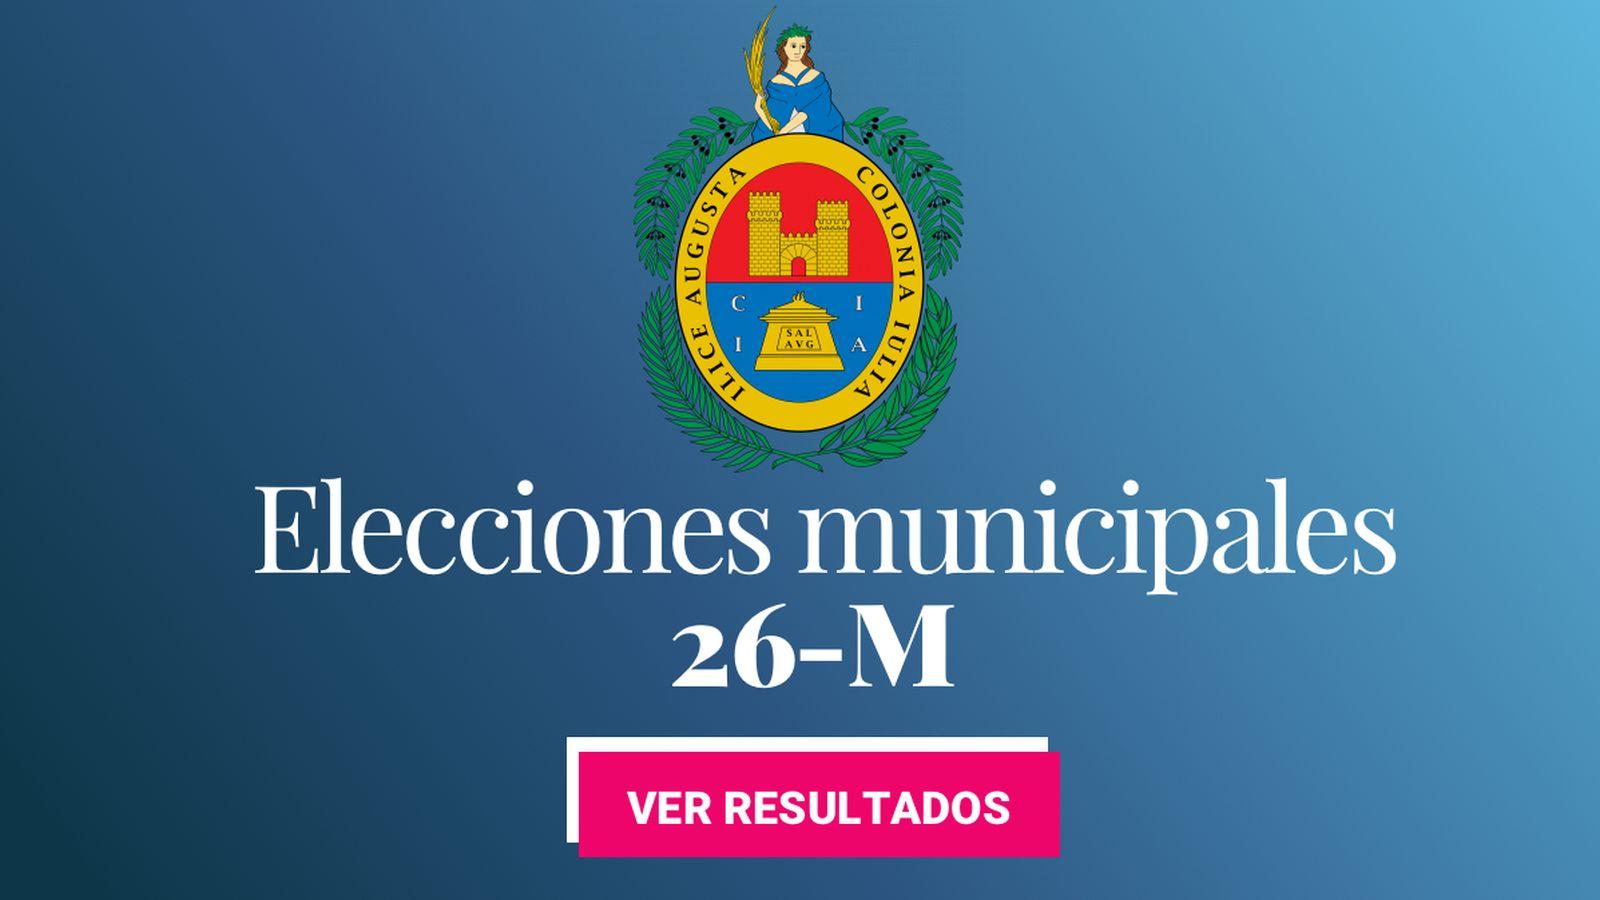 Foto: Elecciones municipales 2019 en Elche . (C.C./EC)